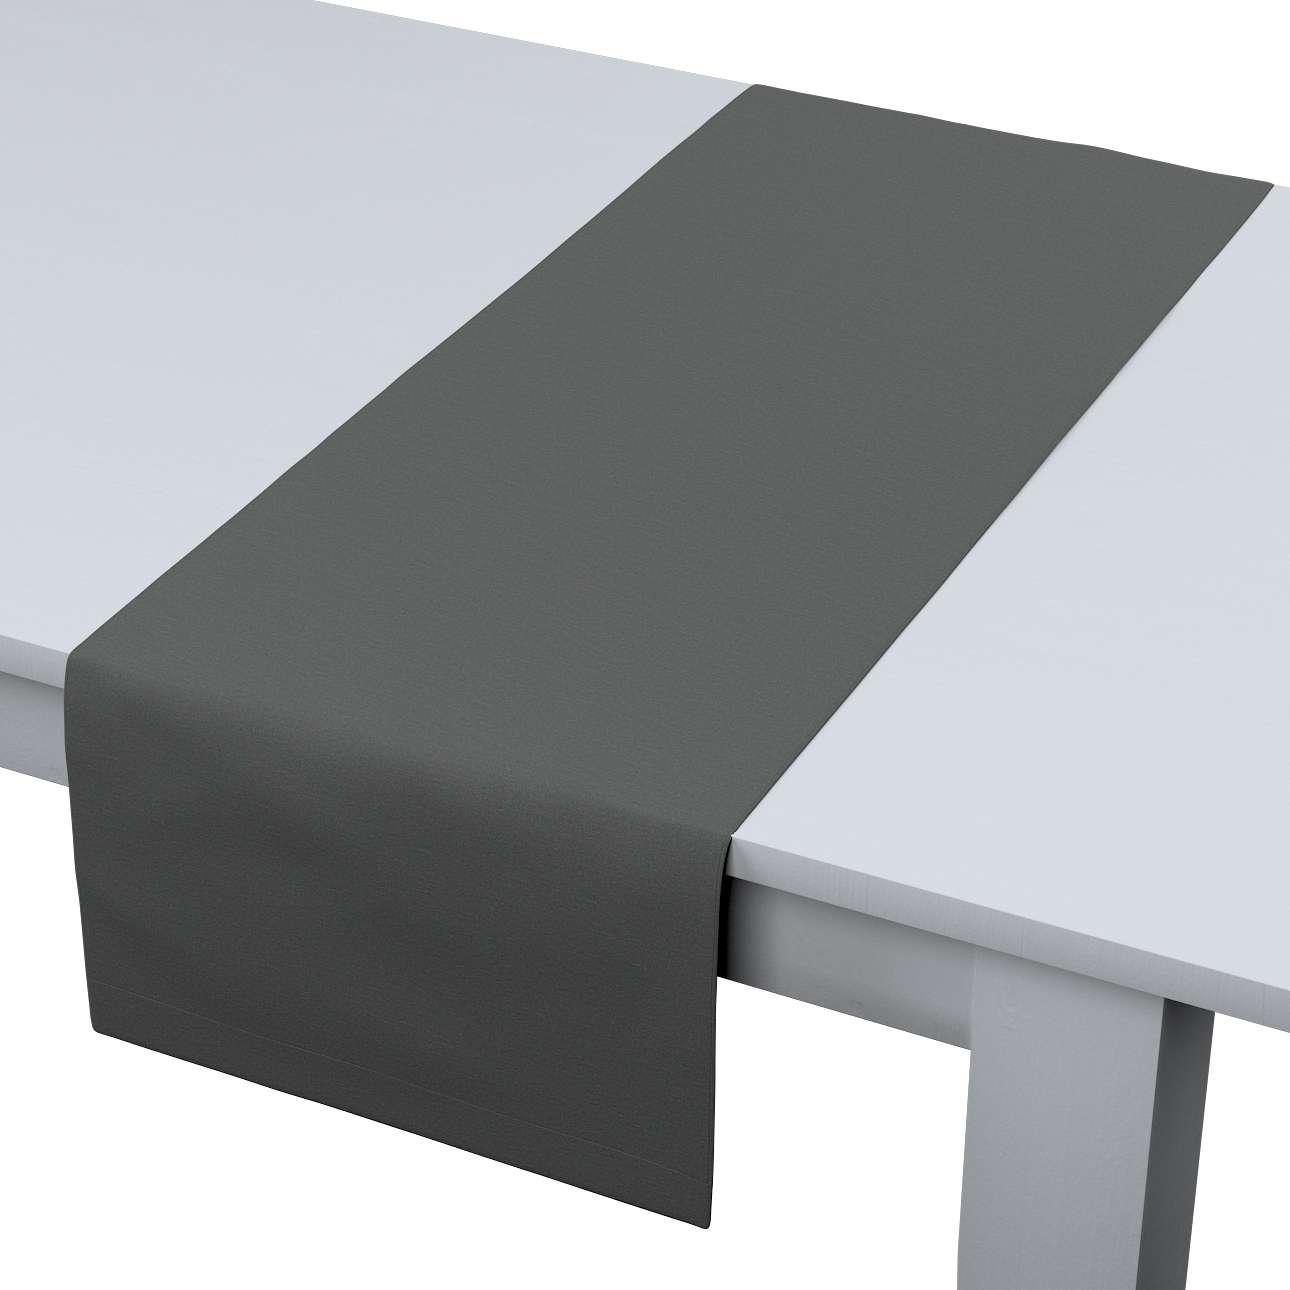 Bieżnik prostokątny 40x130 cm w kolekcji Quadro, tkanina: 136-14